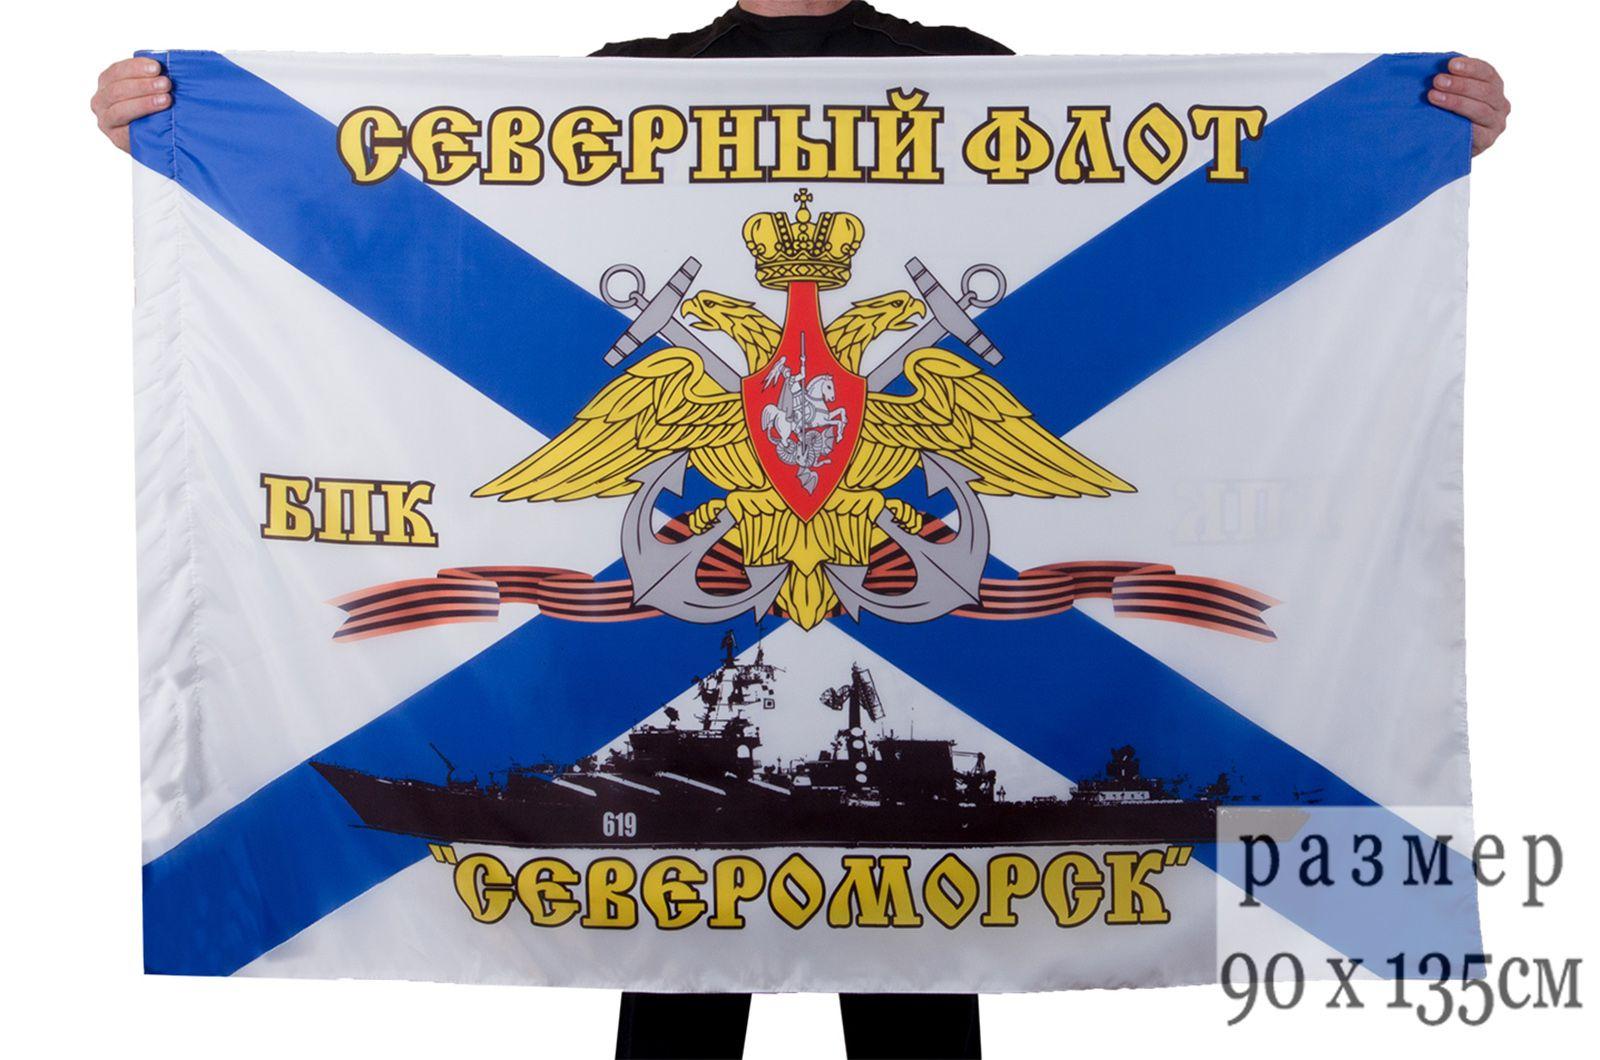 Флаг БПК «Североморск»